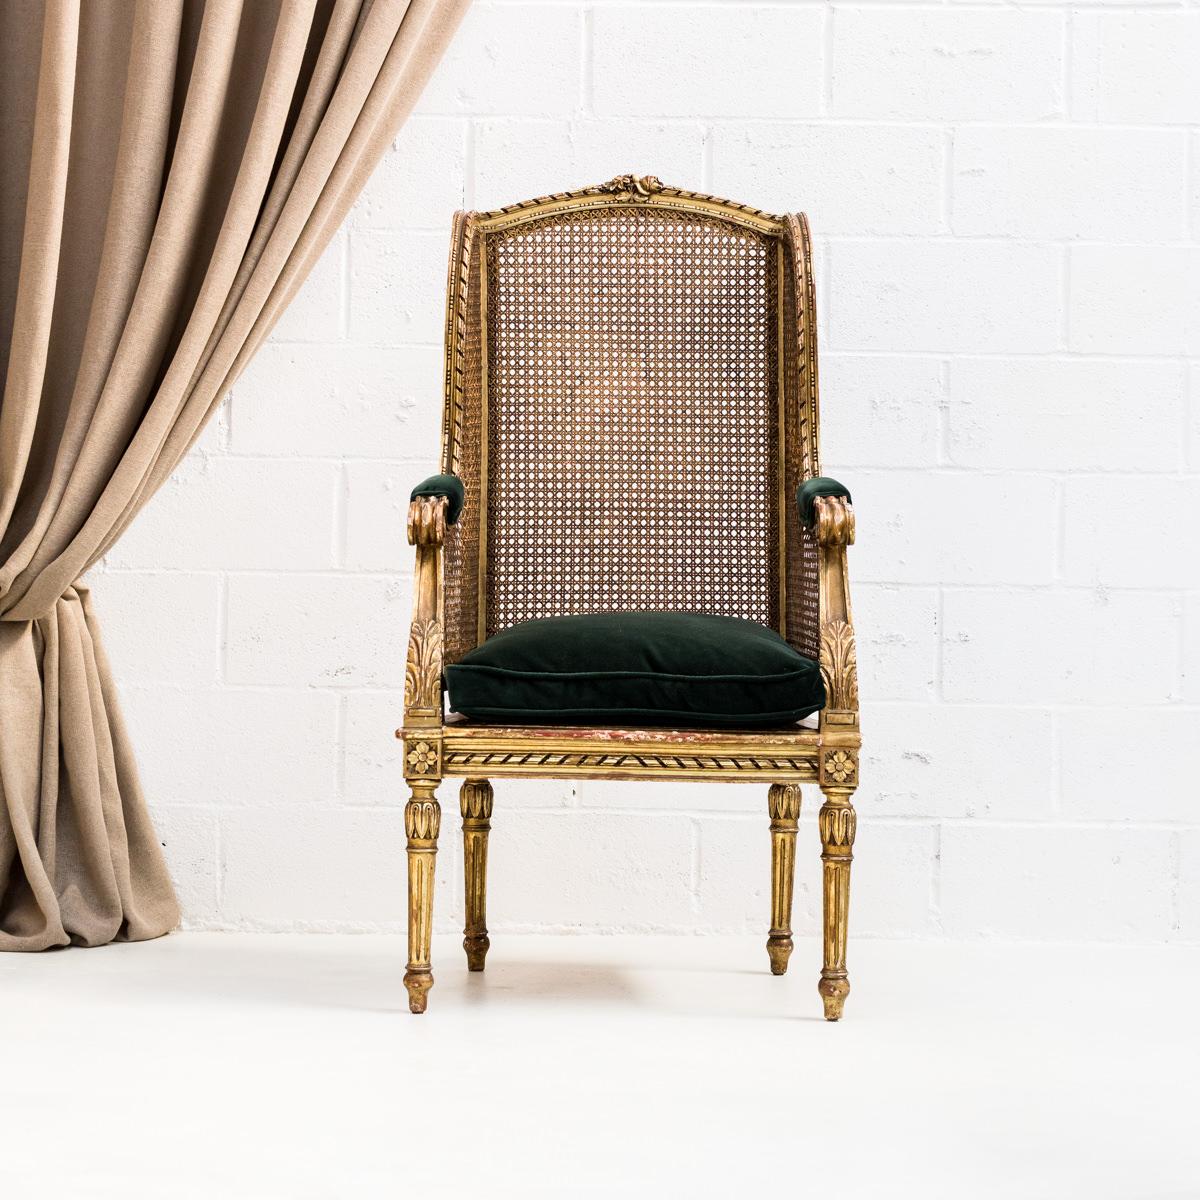 Silla estilo luis xvi gallery of com anuncios de silla luis xvi silla luis xvi with silla - Sillas estilo luis xvi ...